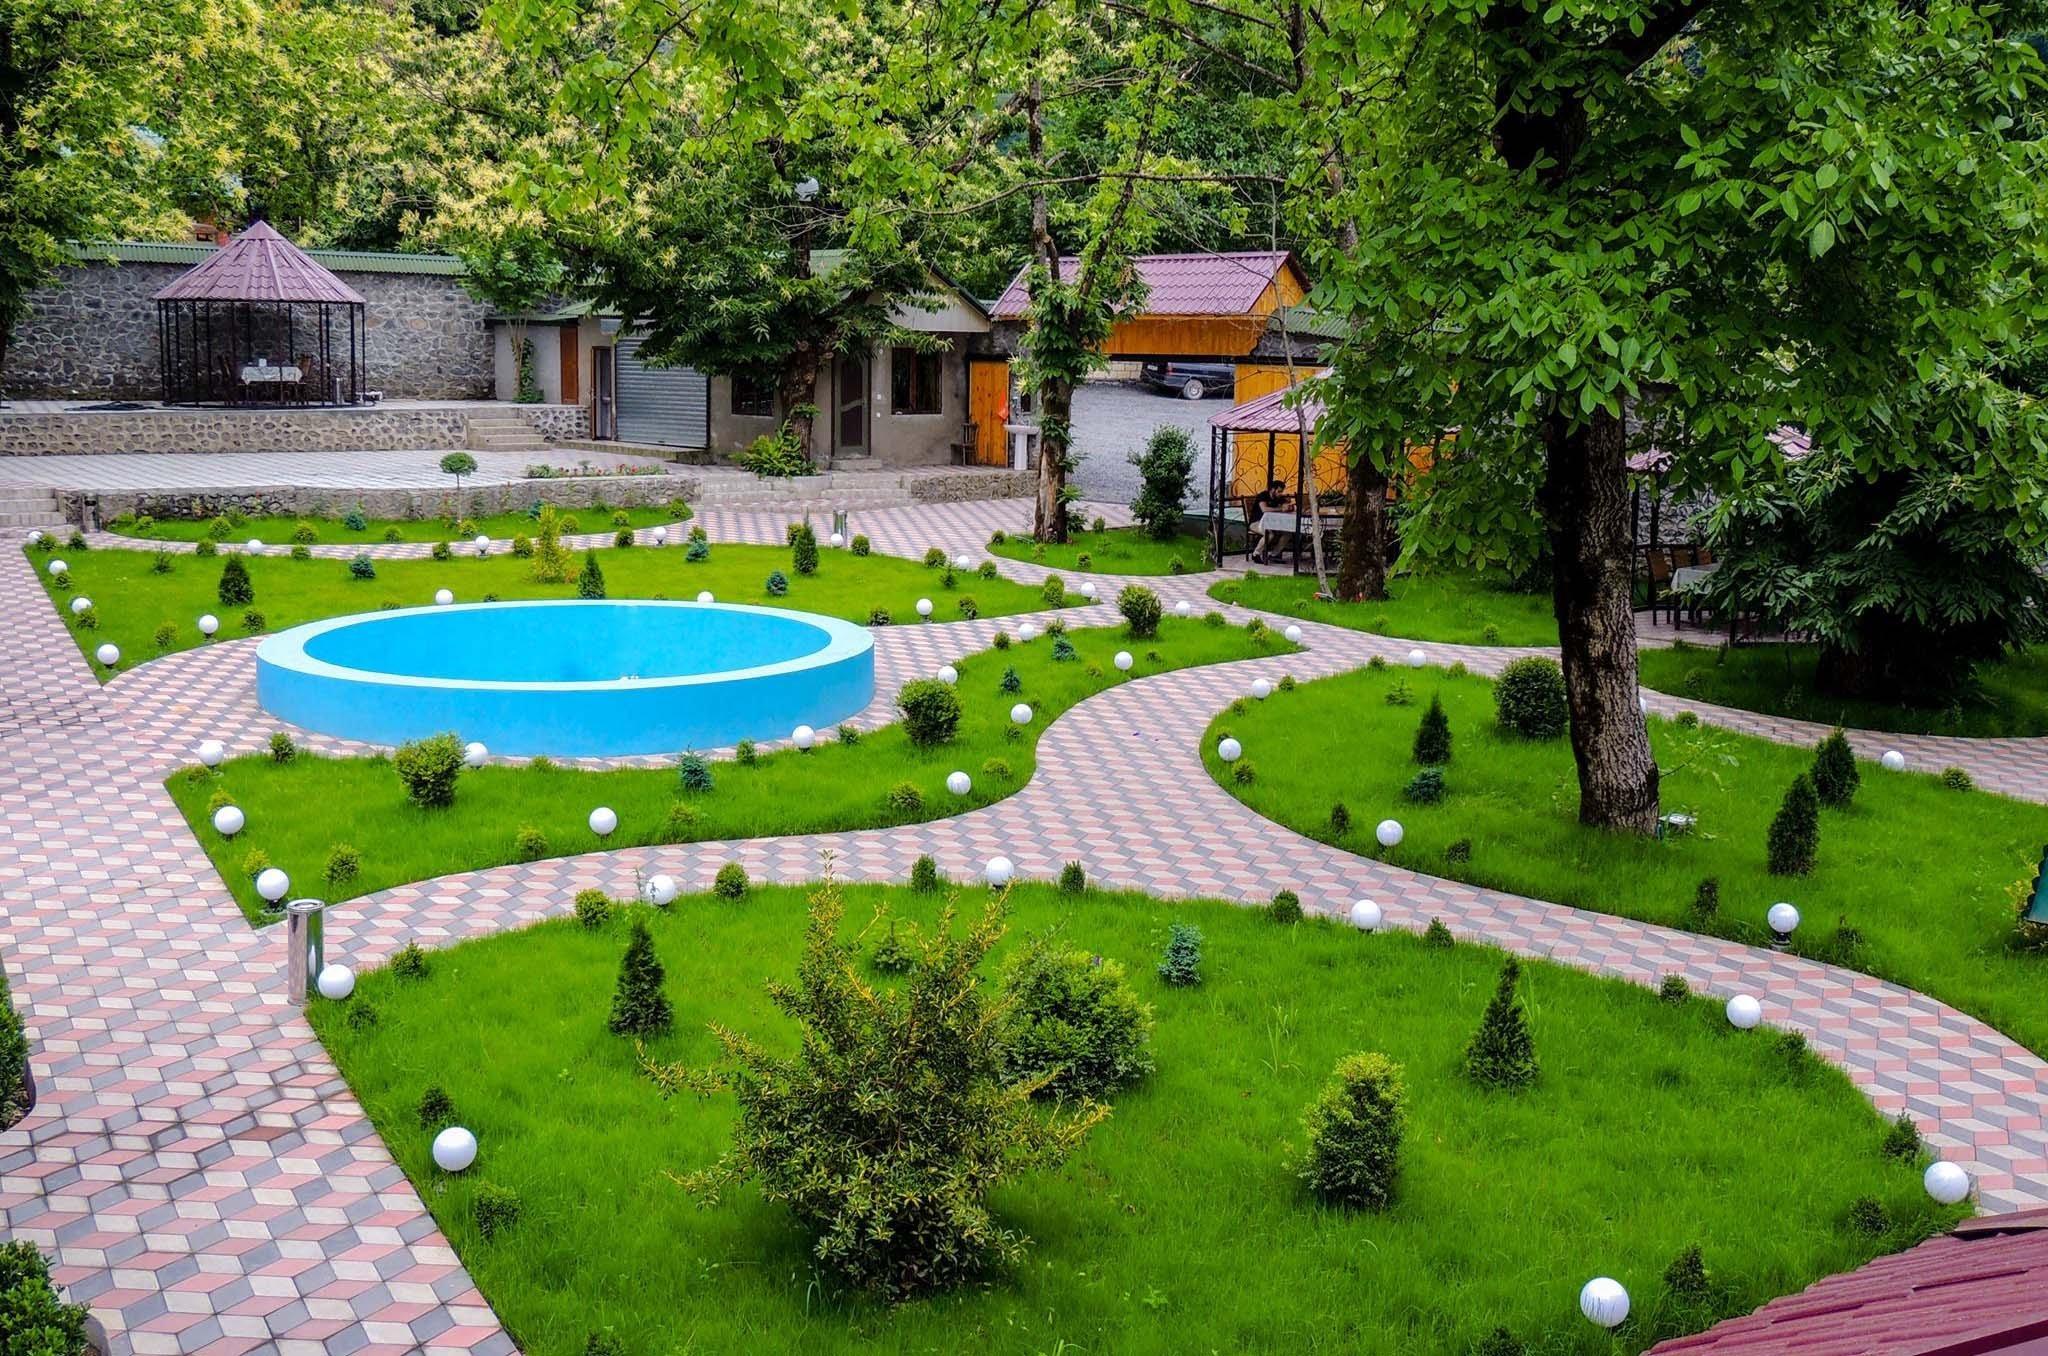 Azərbaycanda yeni turizm bölgələri yaradılacaq